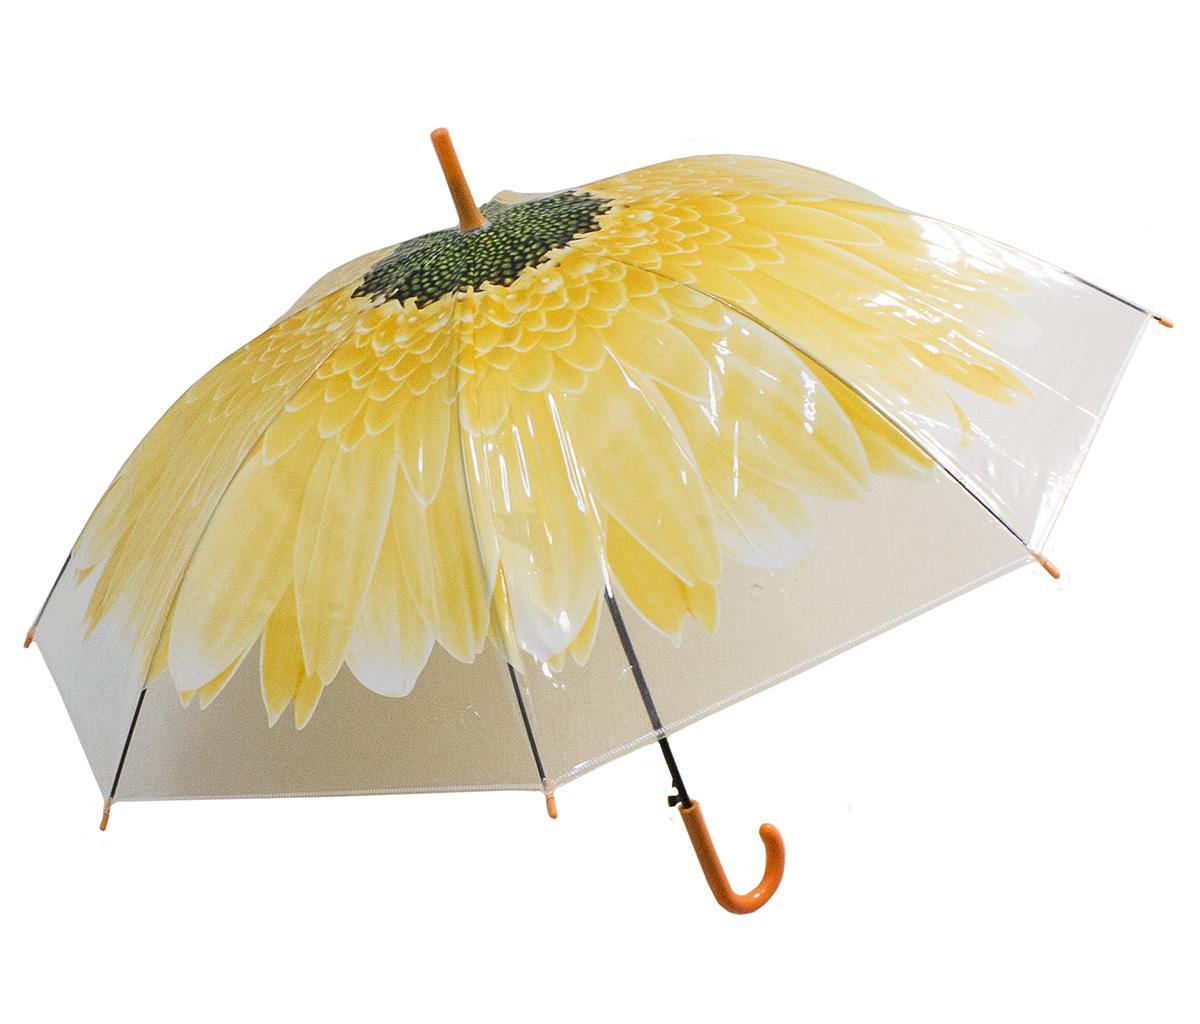 Зонт женский Эврика Цветок, цвет: желтый, белый. 97859K50K502473_0010Зонт-трость полиэтиленовый, диаметр купола 1 метр, длинна трости 74 см.Упаковка: пакет прозрачный.